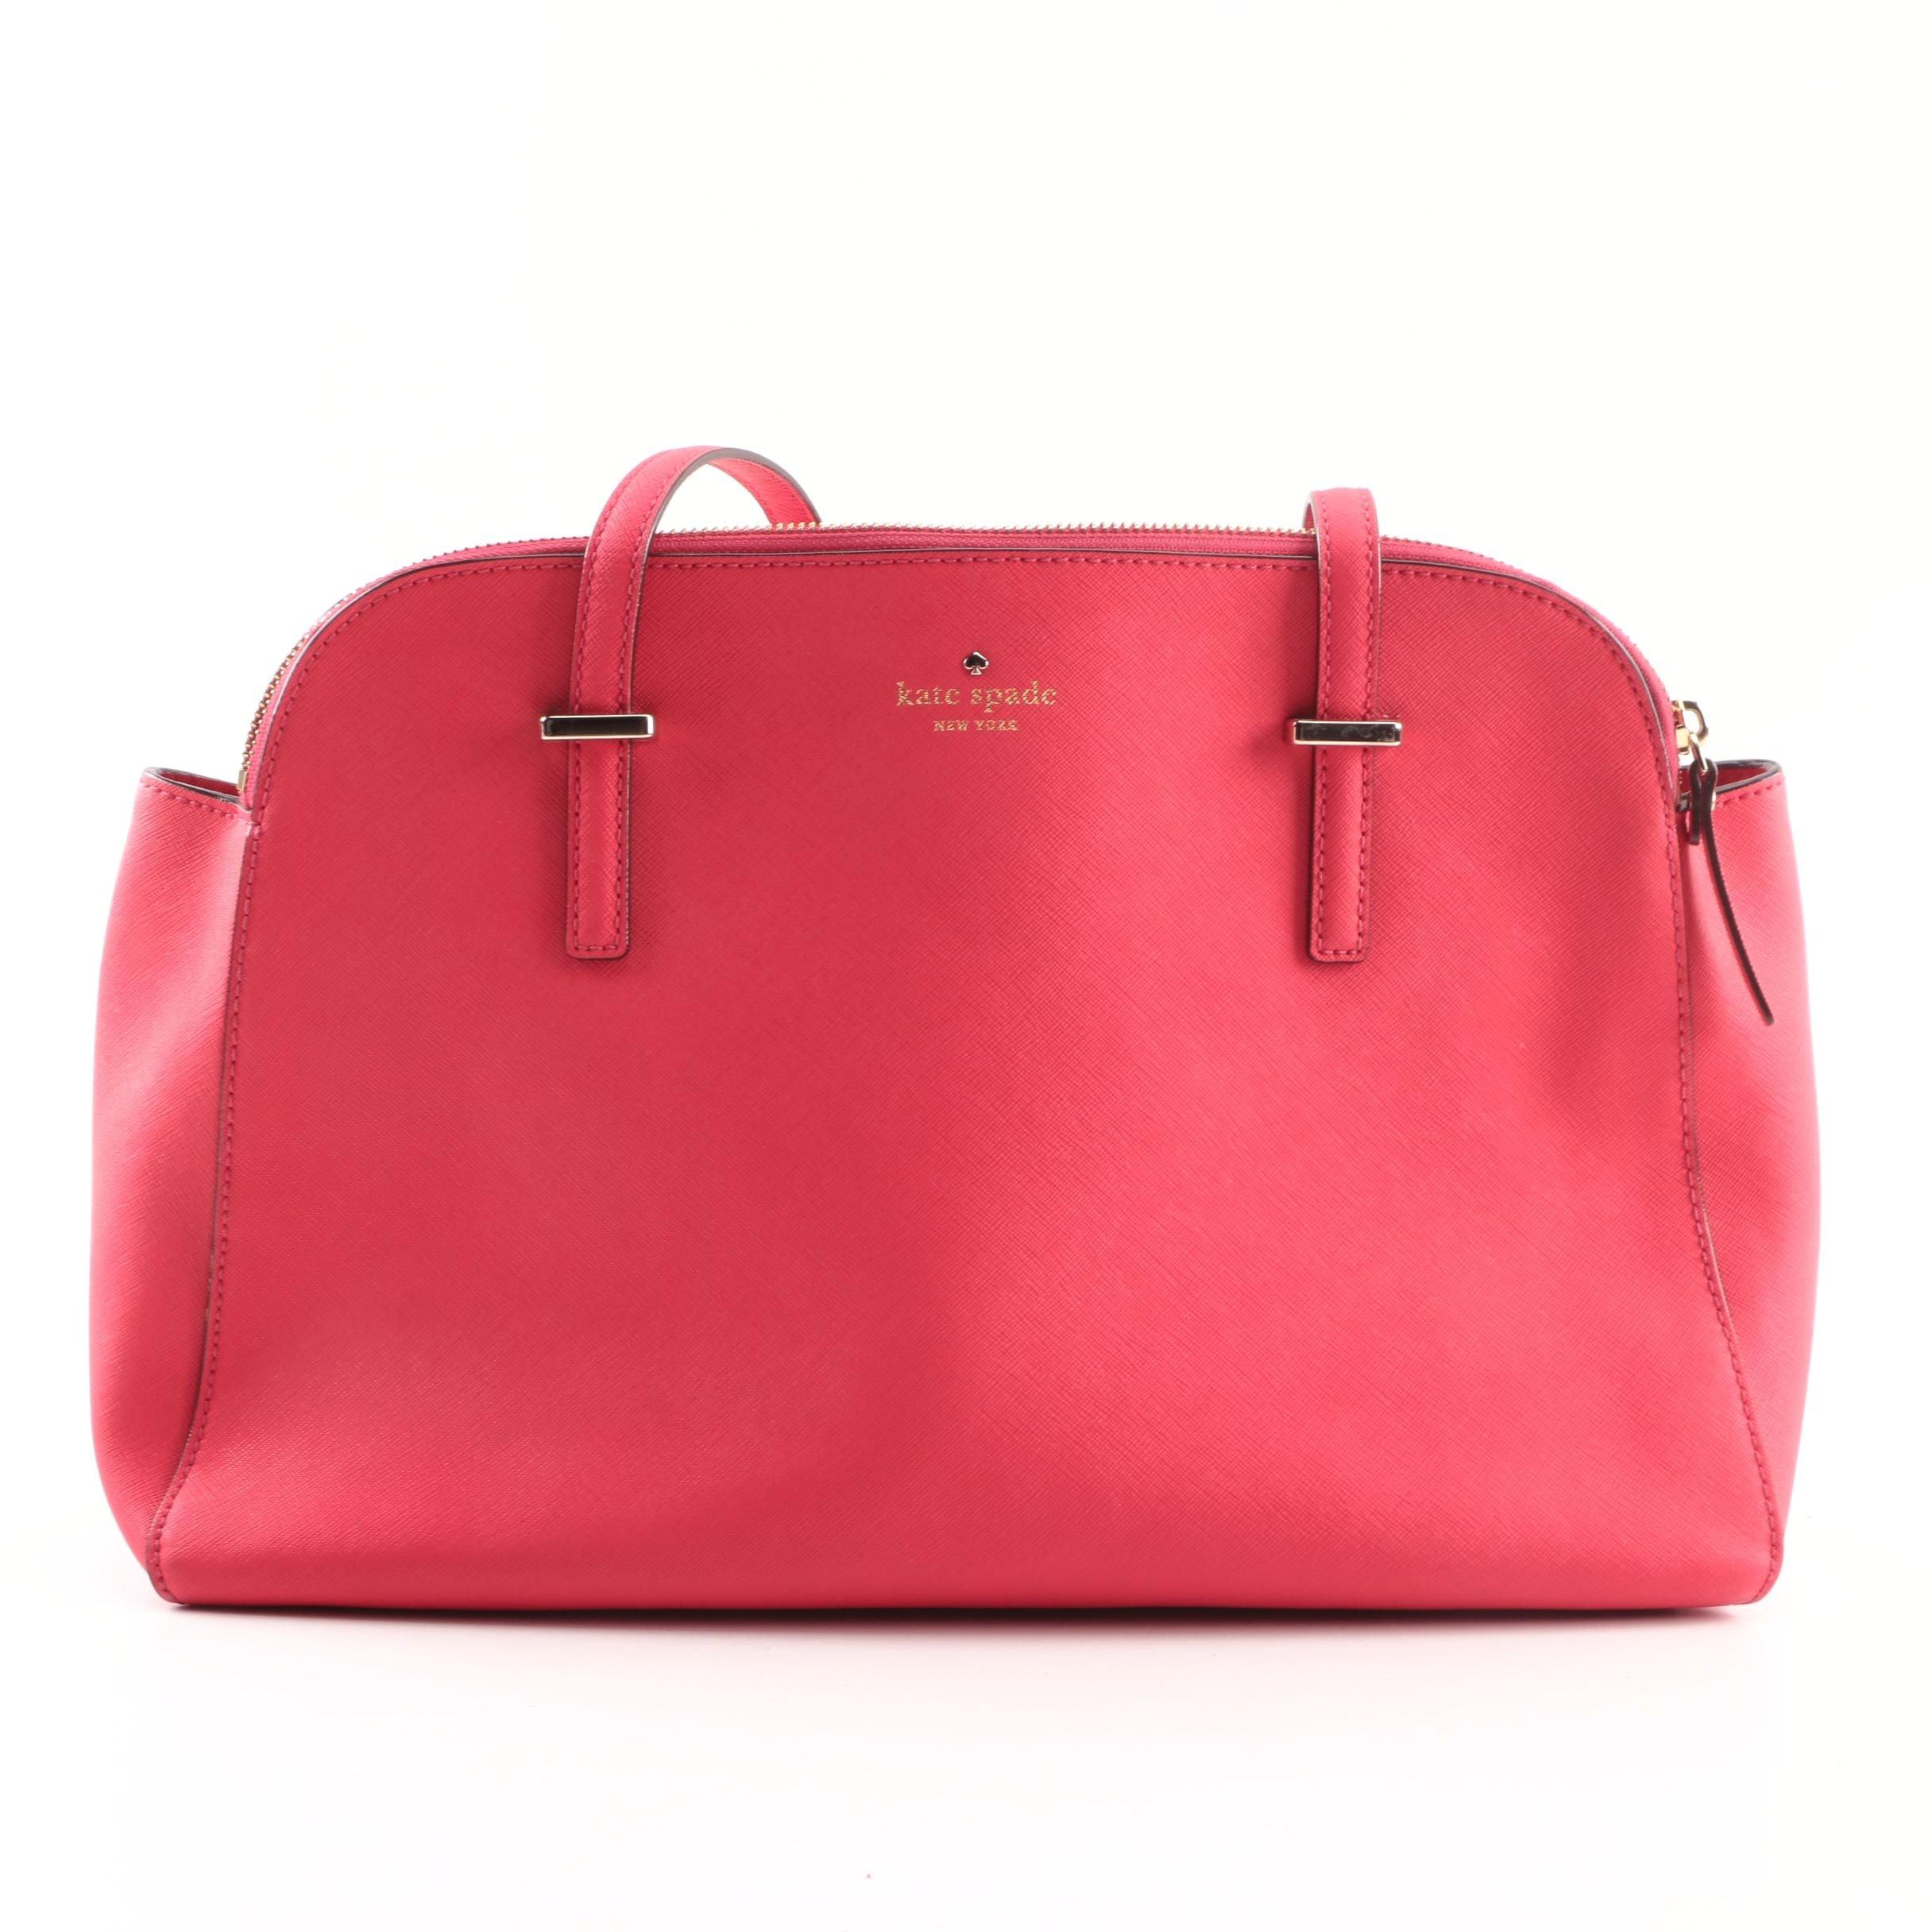 Kate Spade New York East-West Pink Crossgrain Leather Shoulder Bag